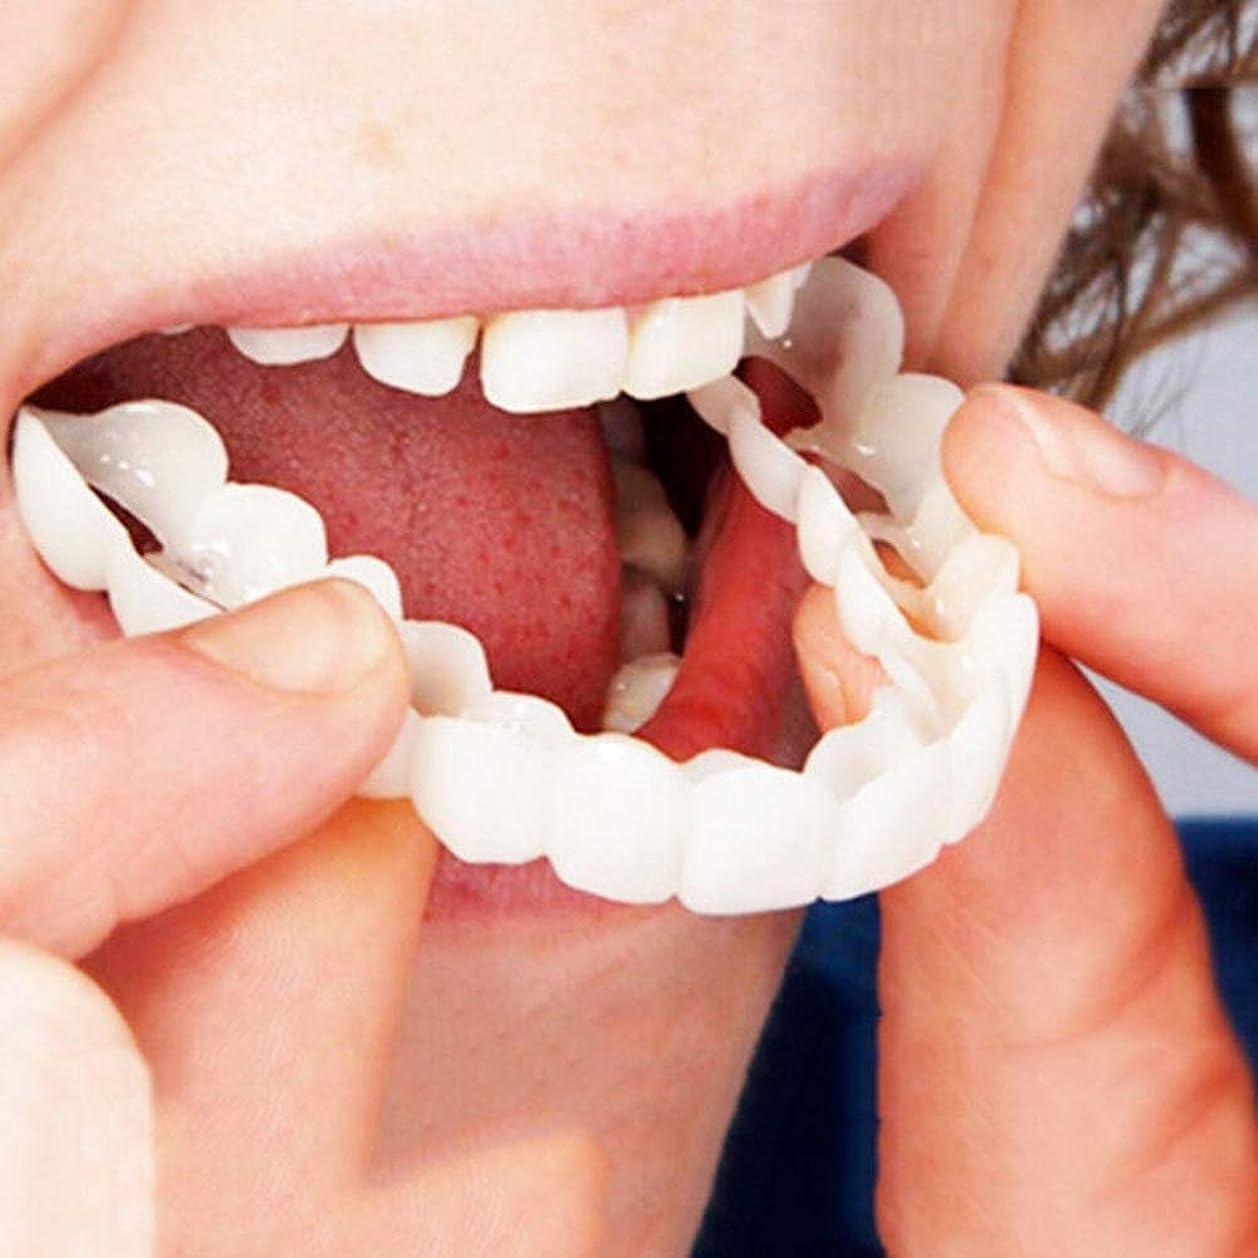 東ティモール作り上げるリスナーTerGOOSE 歯 矯正 矯正器 歯を白く 矯正用リテーナー 完璧な笑顔 快適な 歯列矯正 歯並び 噛み合わせ 歯リテイナー 歯ぎしり いびき防止 多機能 健康管理ツール 歯の損傷を防ぐ 有効 (下+上)